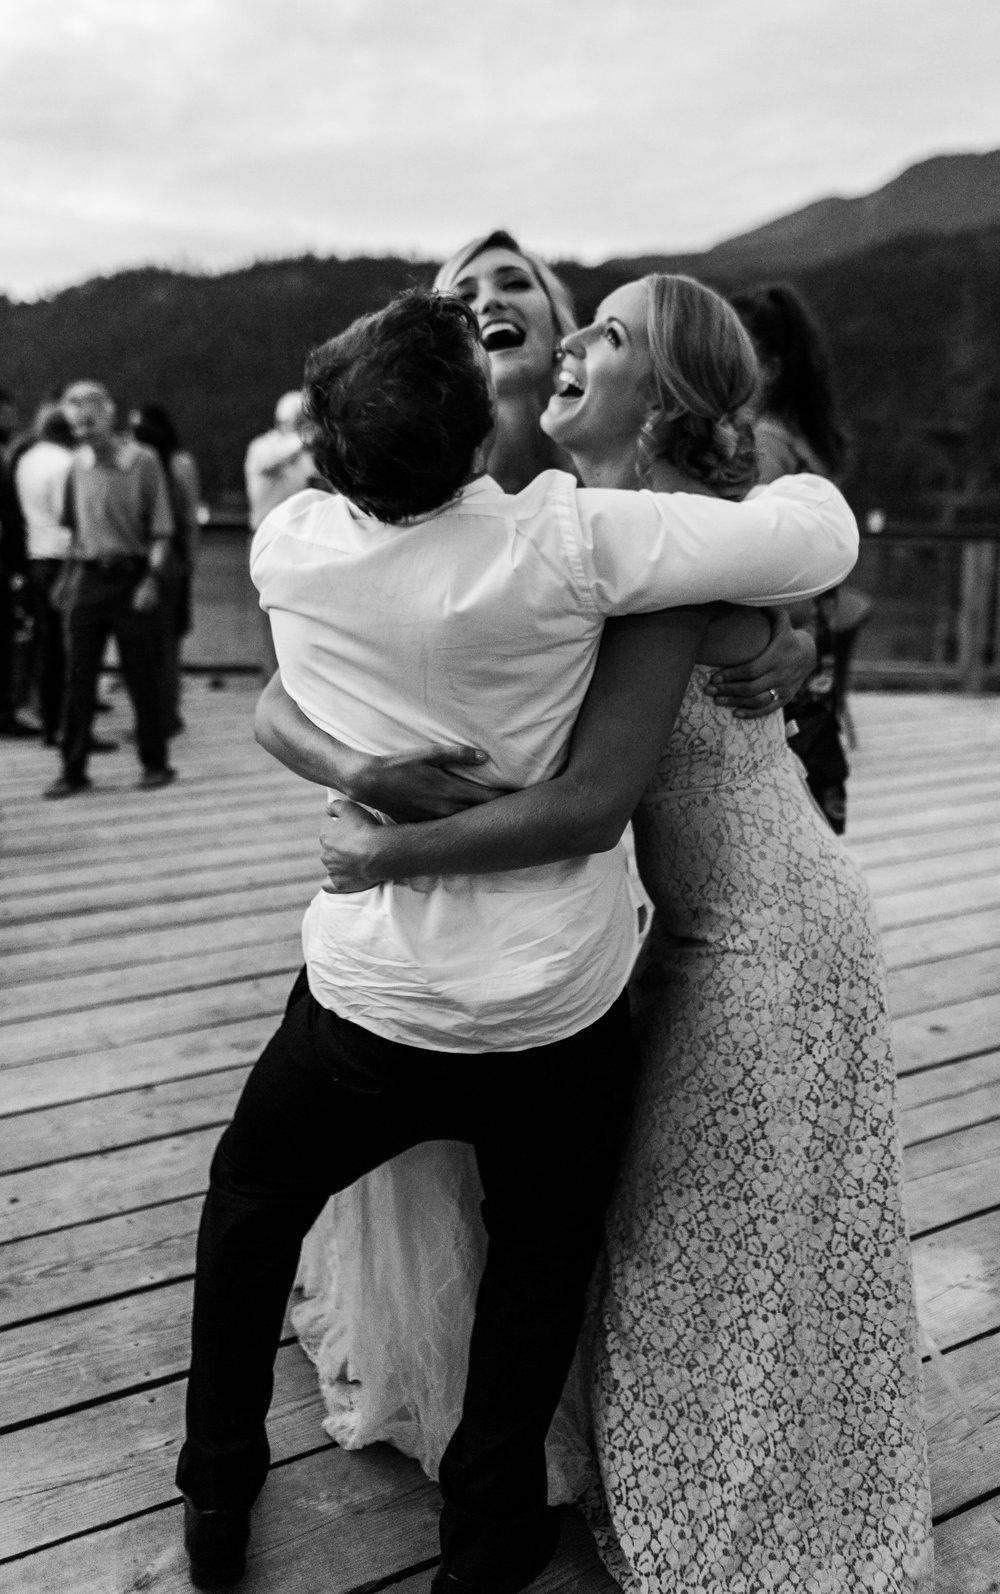 West Coast Wilderness Lodge Wedding - Jennife Picard Photography - Sunshine Coast Wedding Photographer - Vancouver Wedding Photographer - IMG_7256 (1).jpg